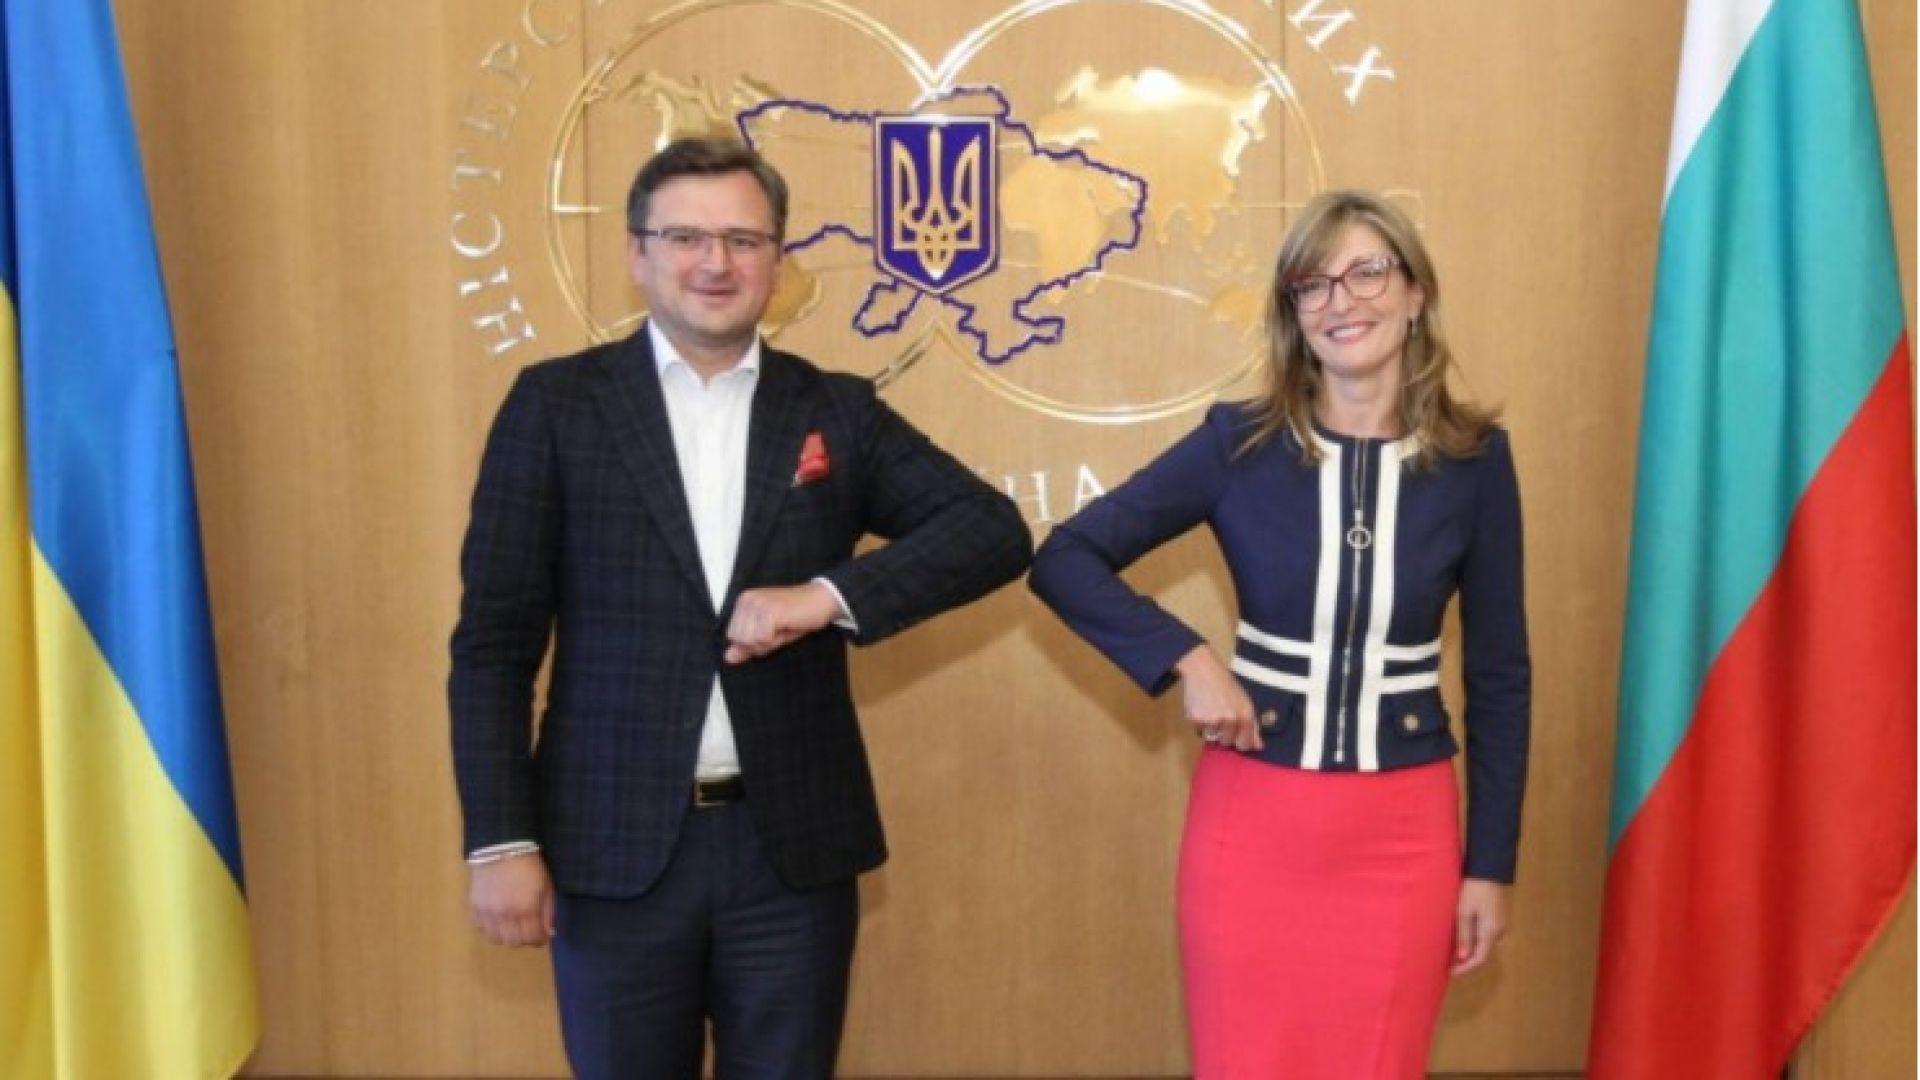 Откриват украински културен център в София и българска гимназия в Одеса